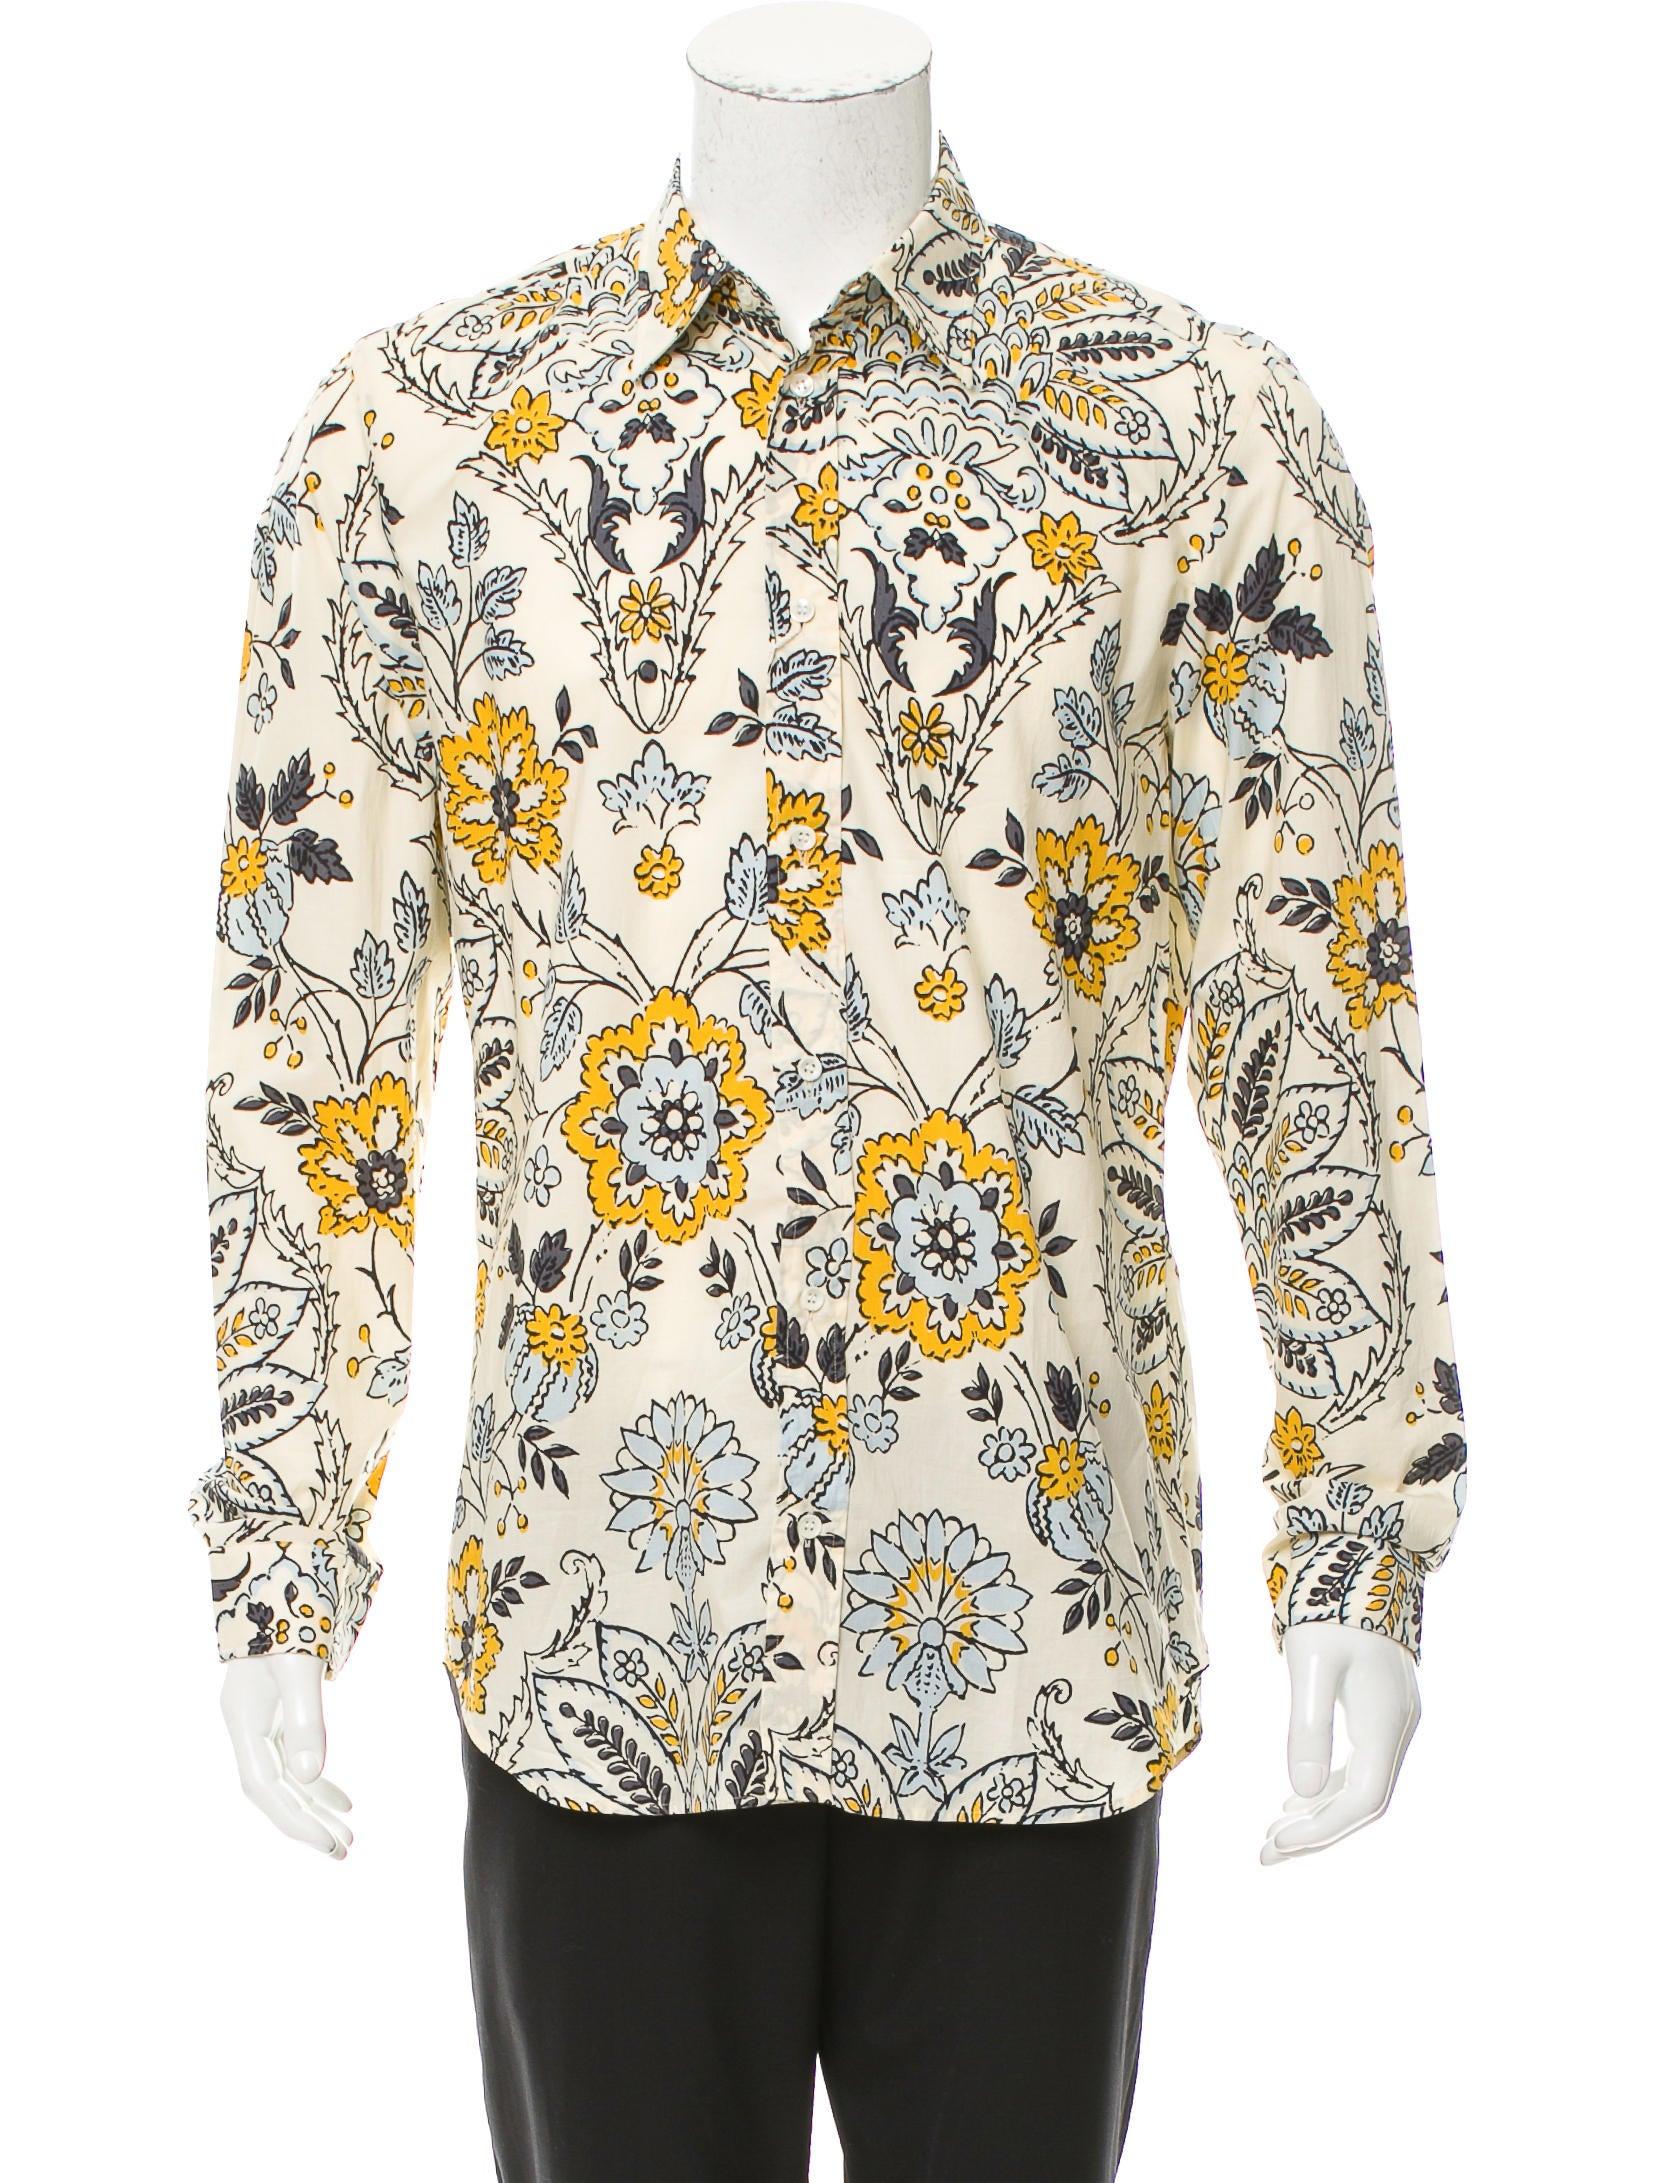 Maison margiela floral print button up shirt w tags for Floral print button up shirt